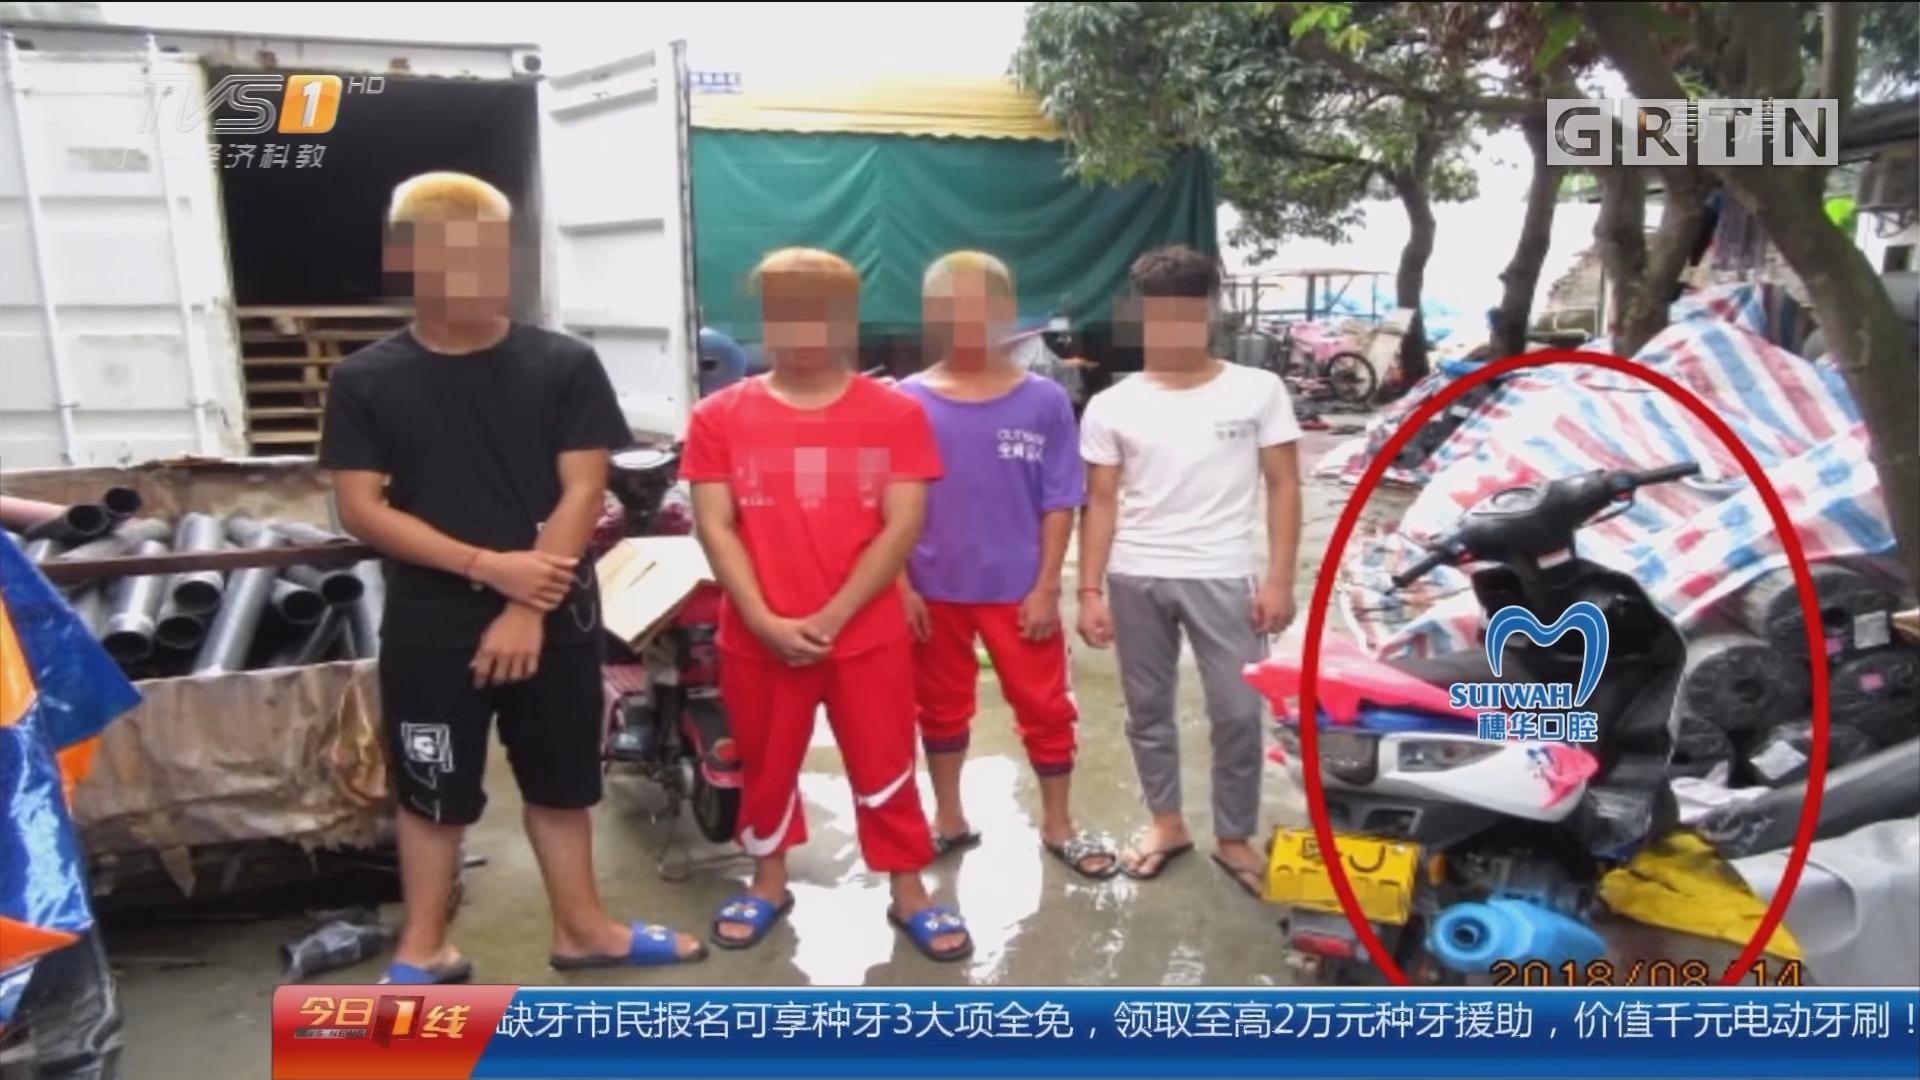 """中山阜沙:""""车神""""马路炫技飙车 遭举报落网"""